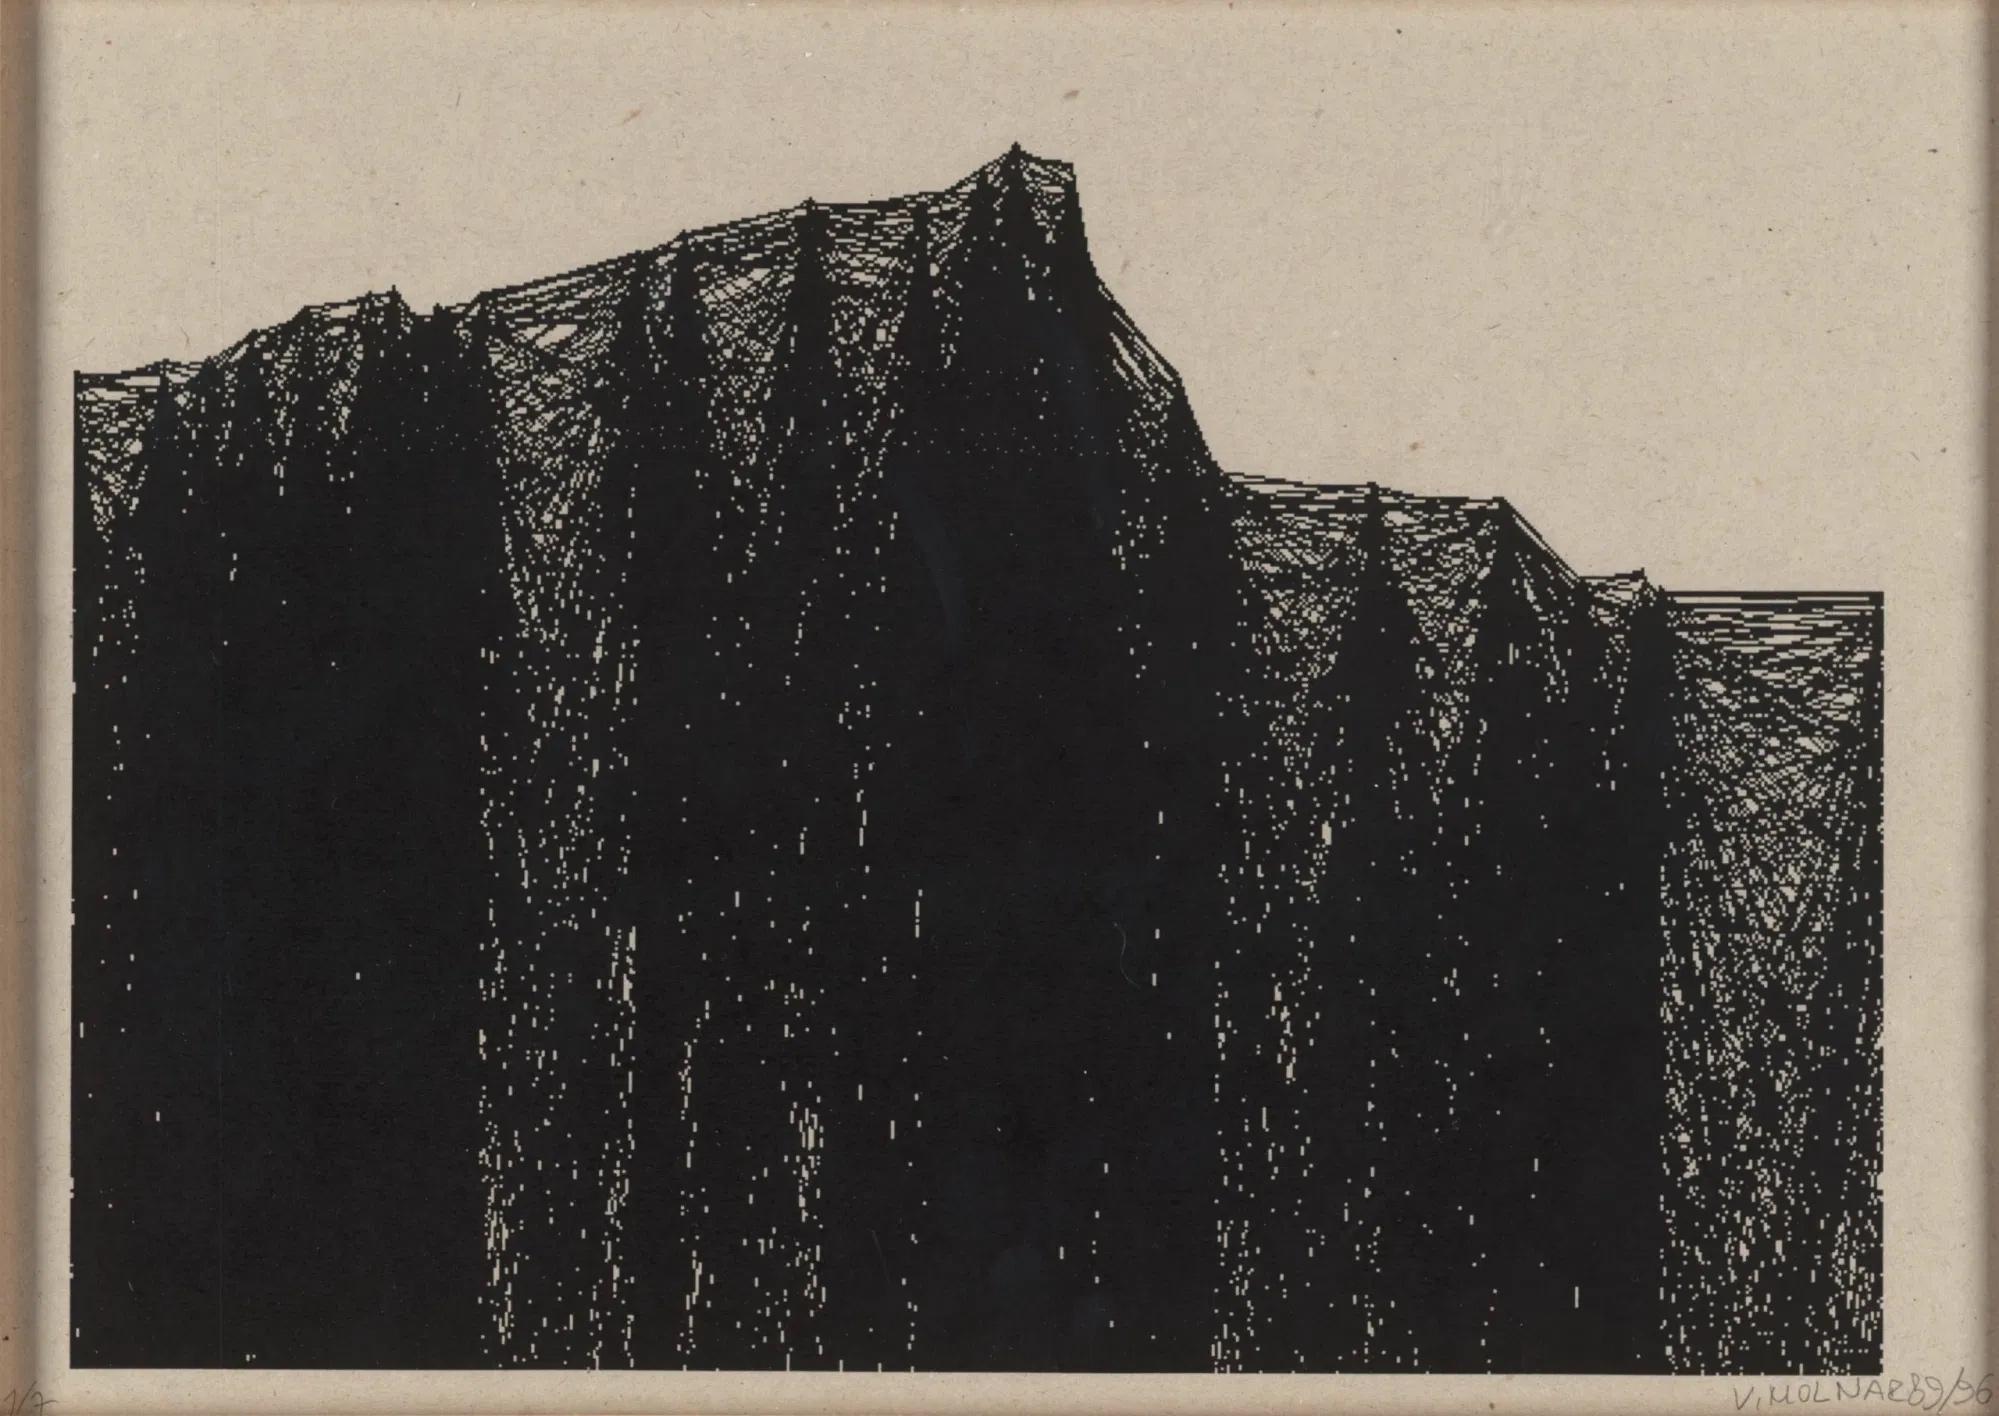 Vera Molnar, Variations St. Victoire, Serie N° 0-12, Digitaldruck, Auflage 1/7, 30 x 42 cm, 1989-1996